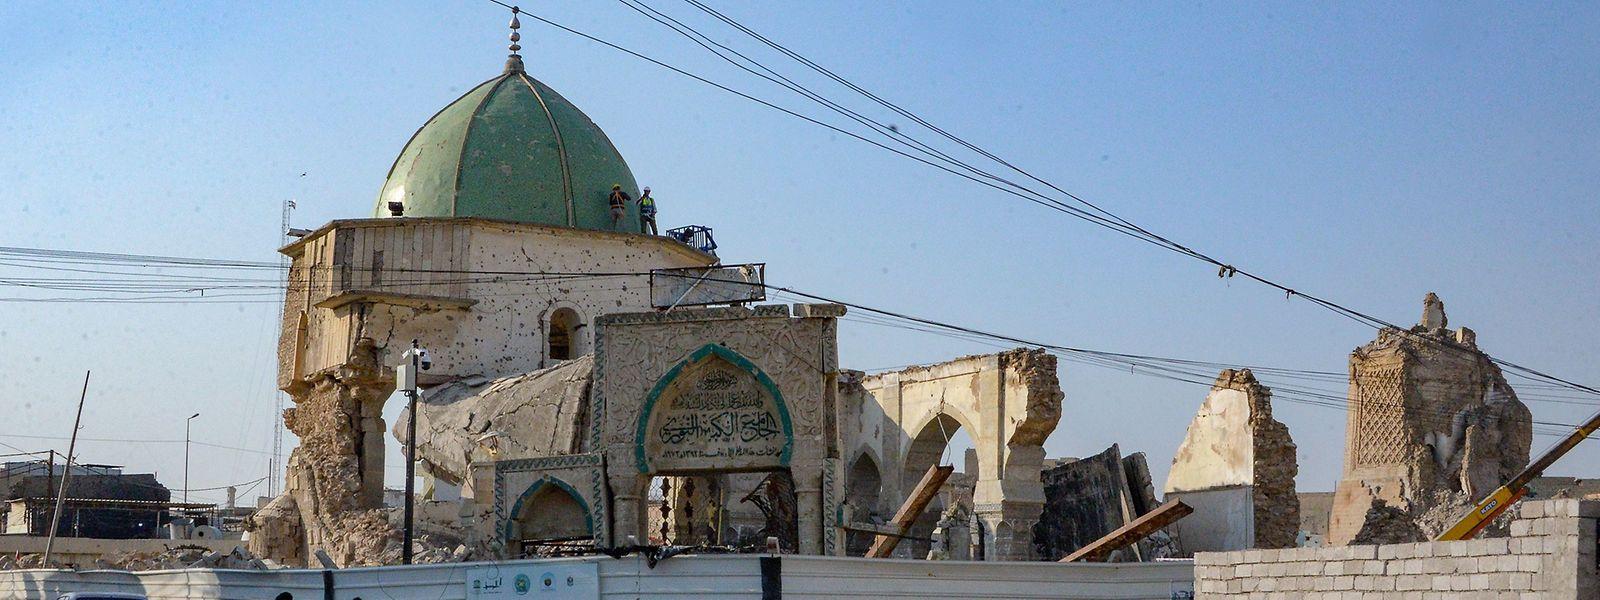 La mosquée Al-Nuri de Mossoul, où Abu Bakr al-Baghdadi s'est adressé à ses fidèles peu de temps avant la libération de la région en 2017